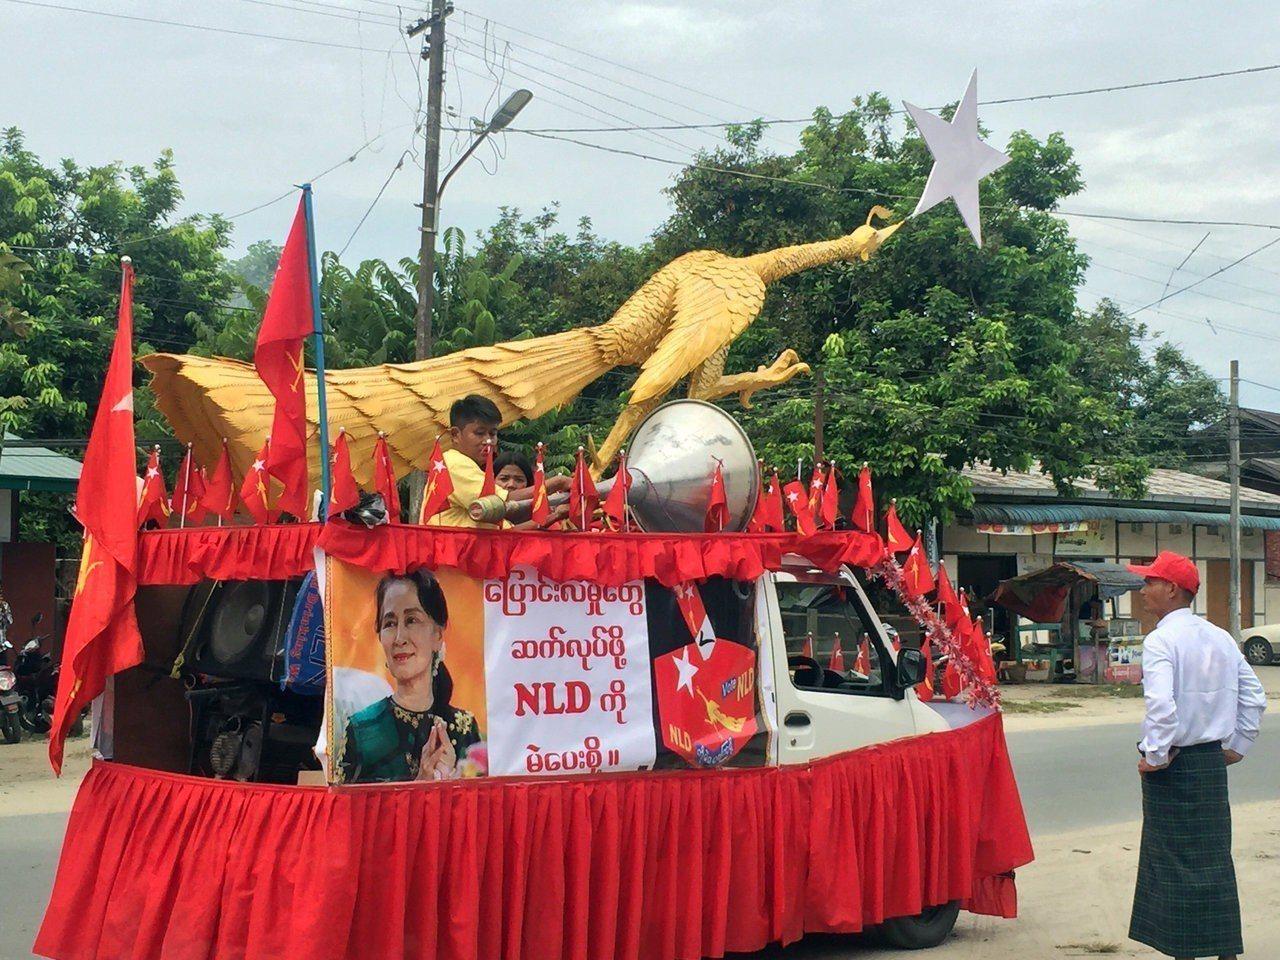 緬甸關鍵補選「翁山蘇姬公投」將考驗翁山蘇姬民望。 路透社